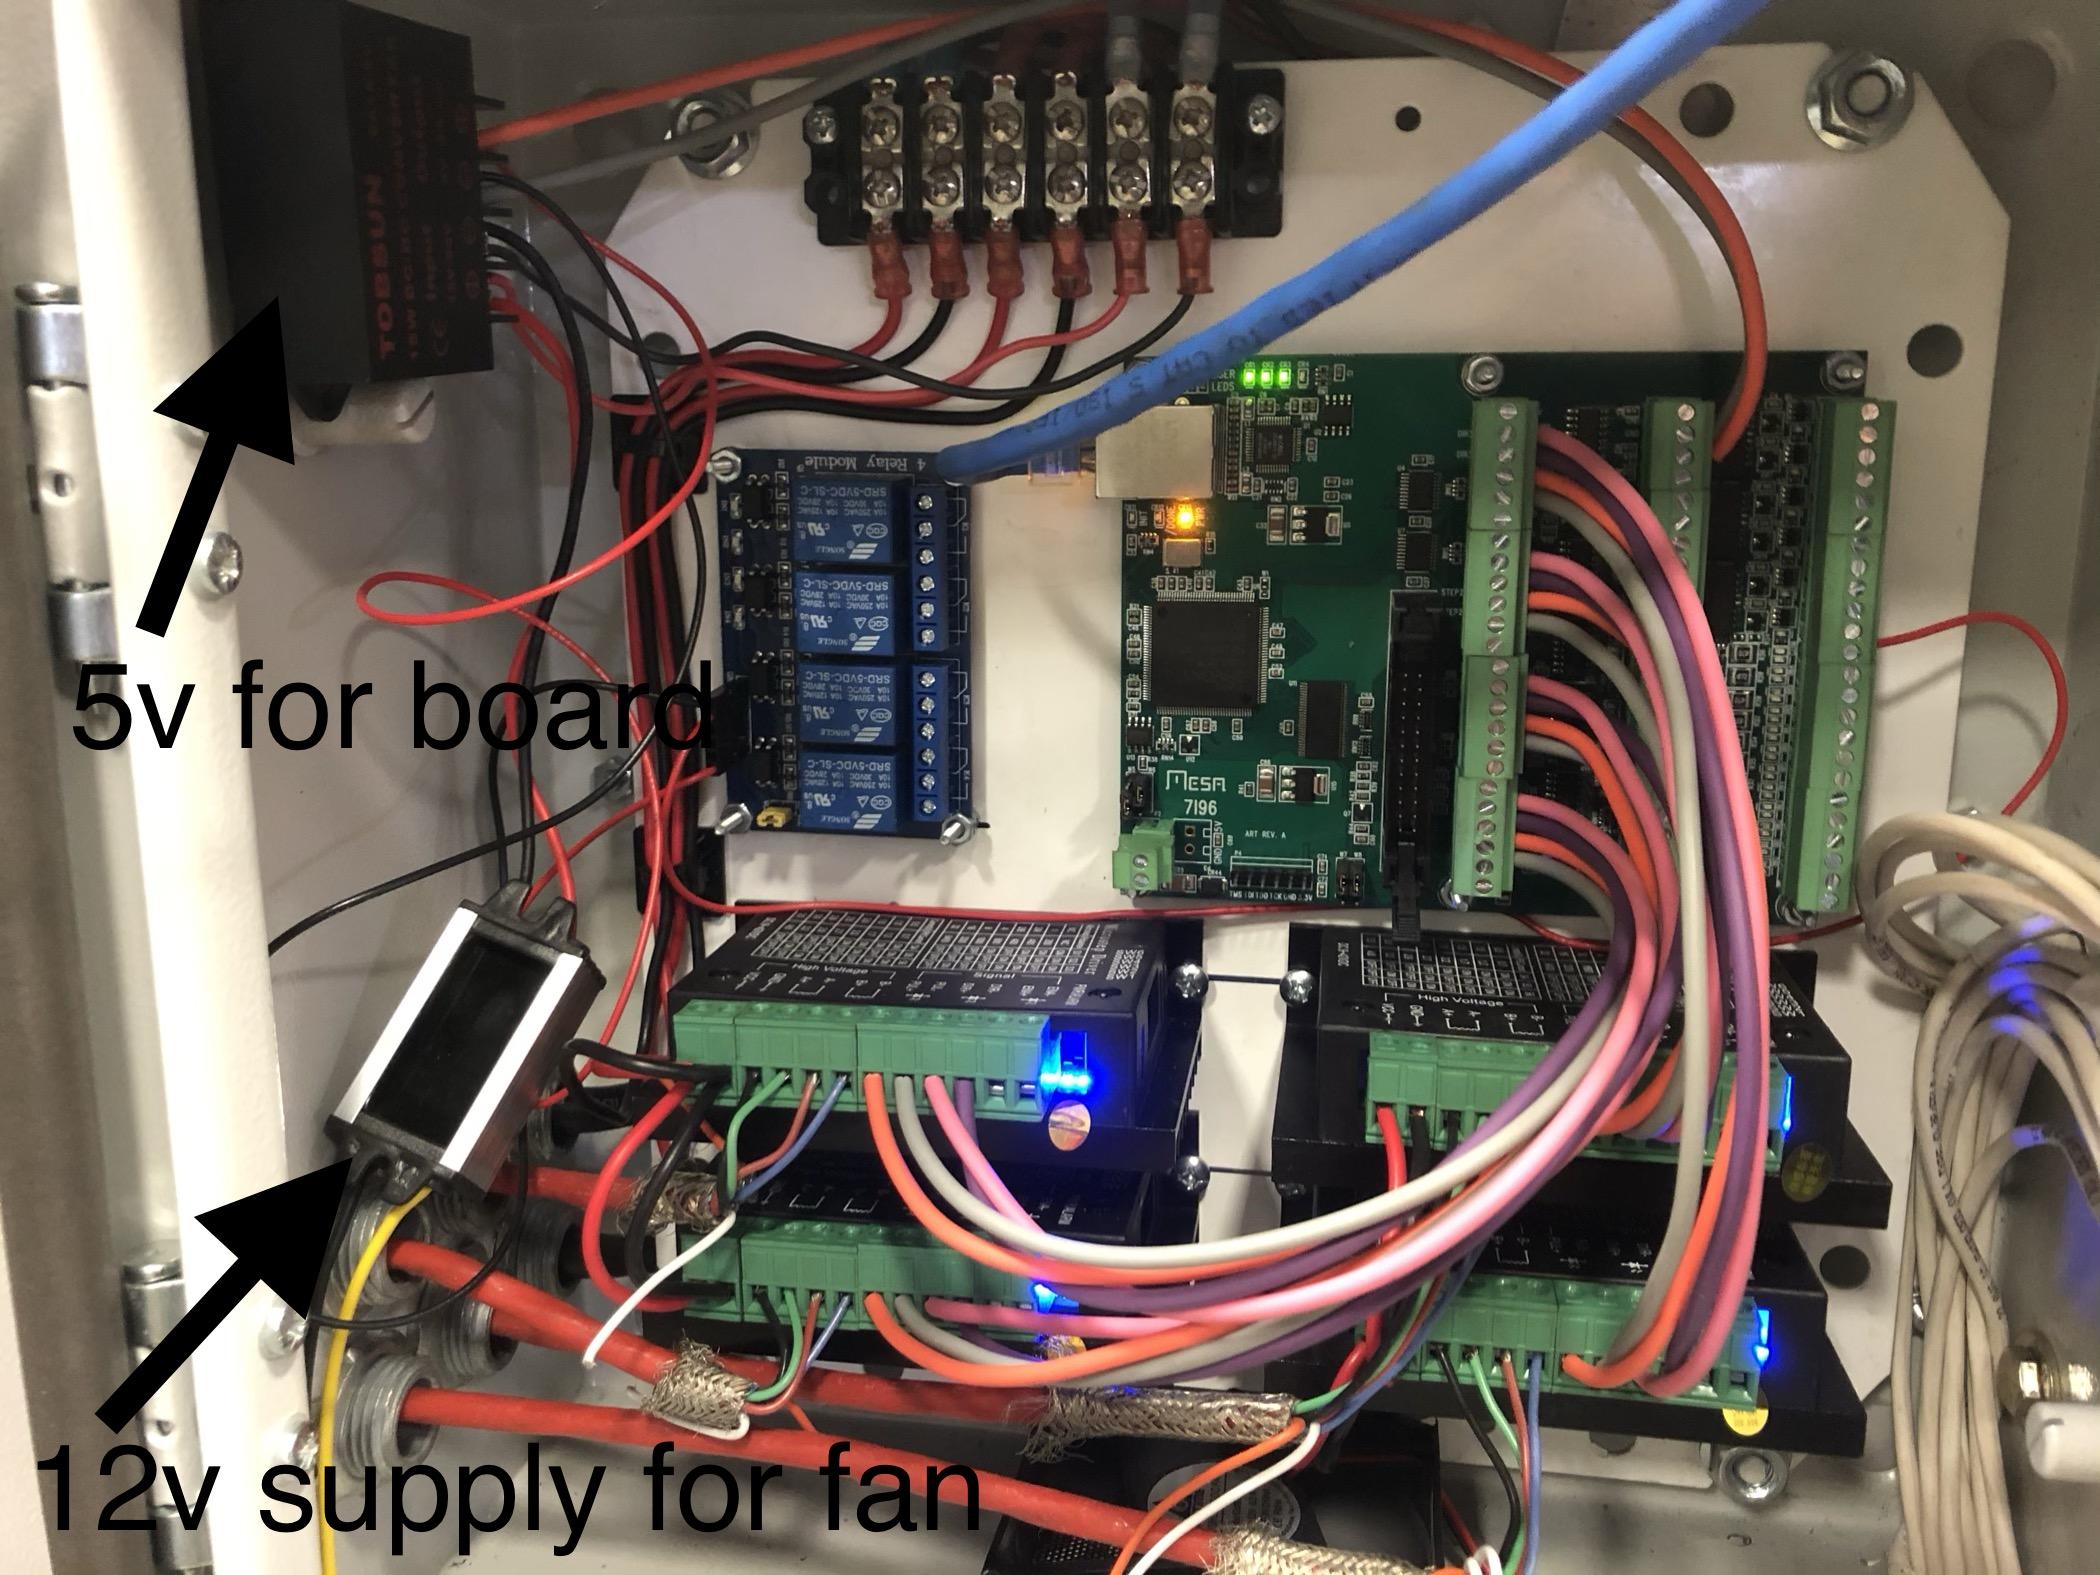 BB5C0482-F1DD-4891-95E2-7E15012EA851.jpeg